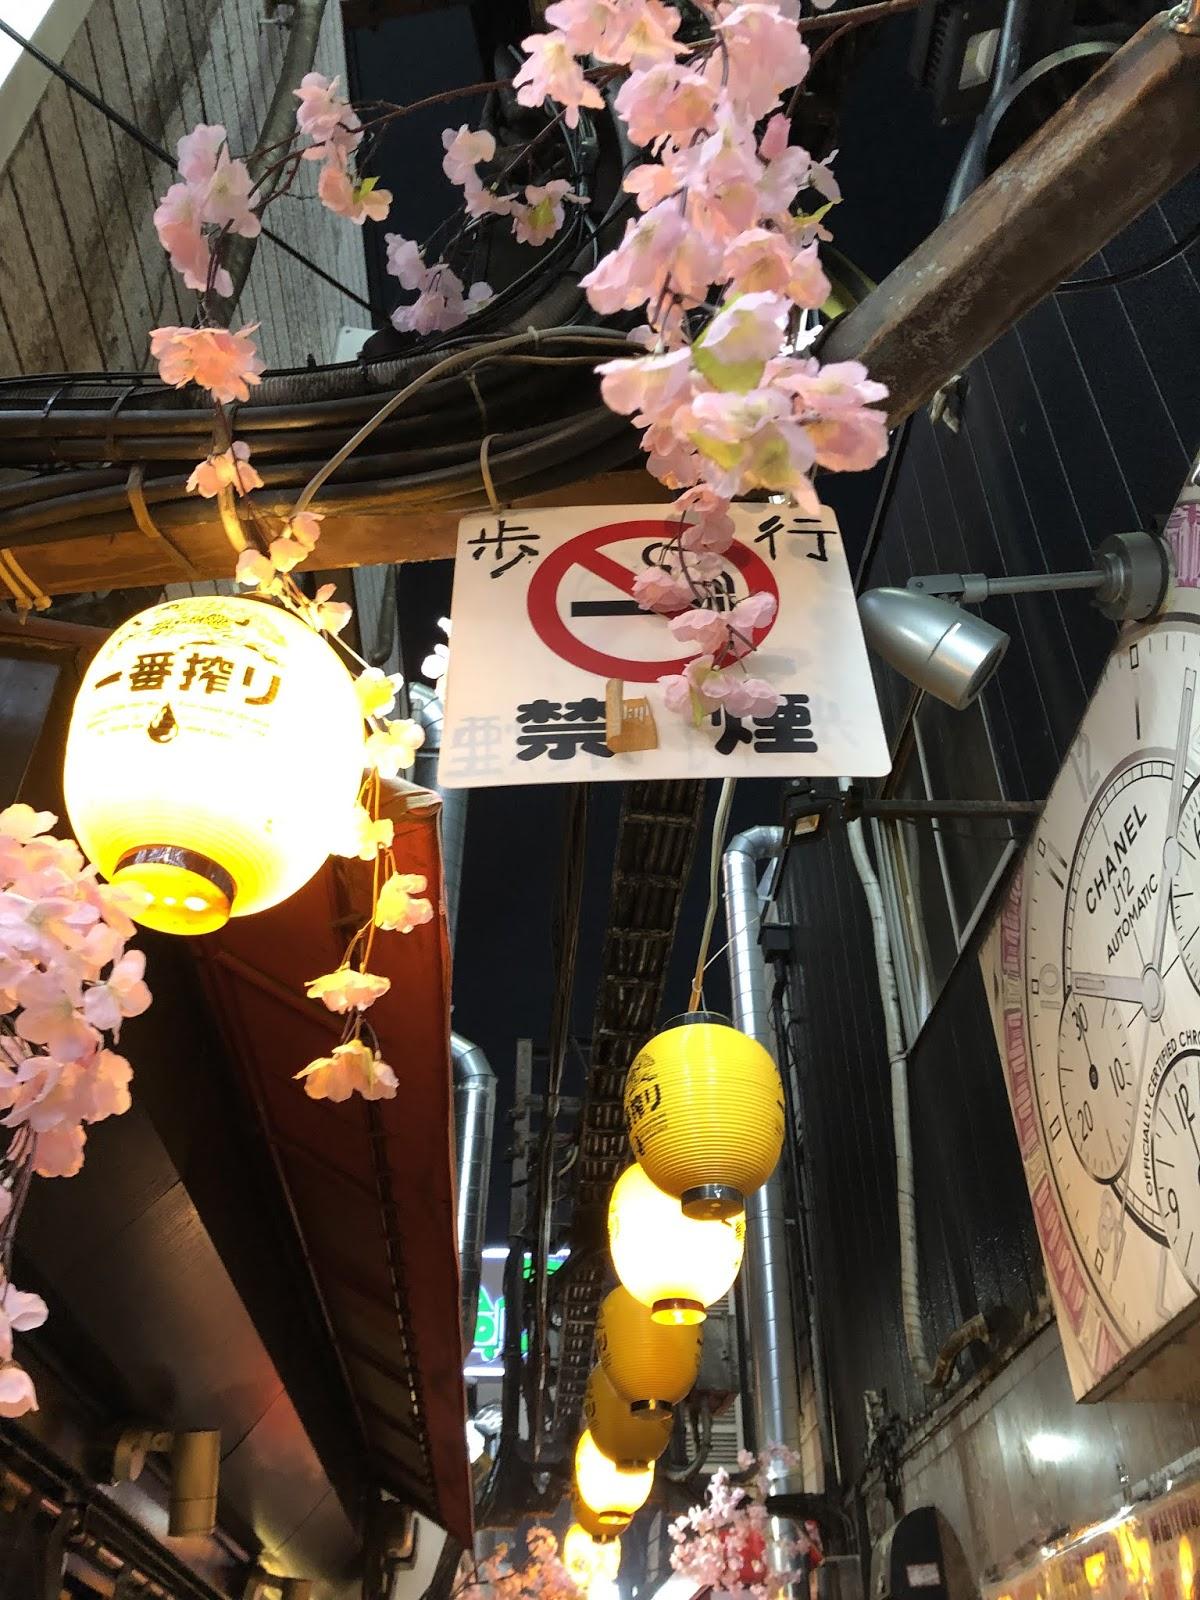 omoide yokocho in shinjuku tokyo